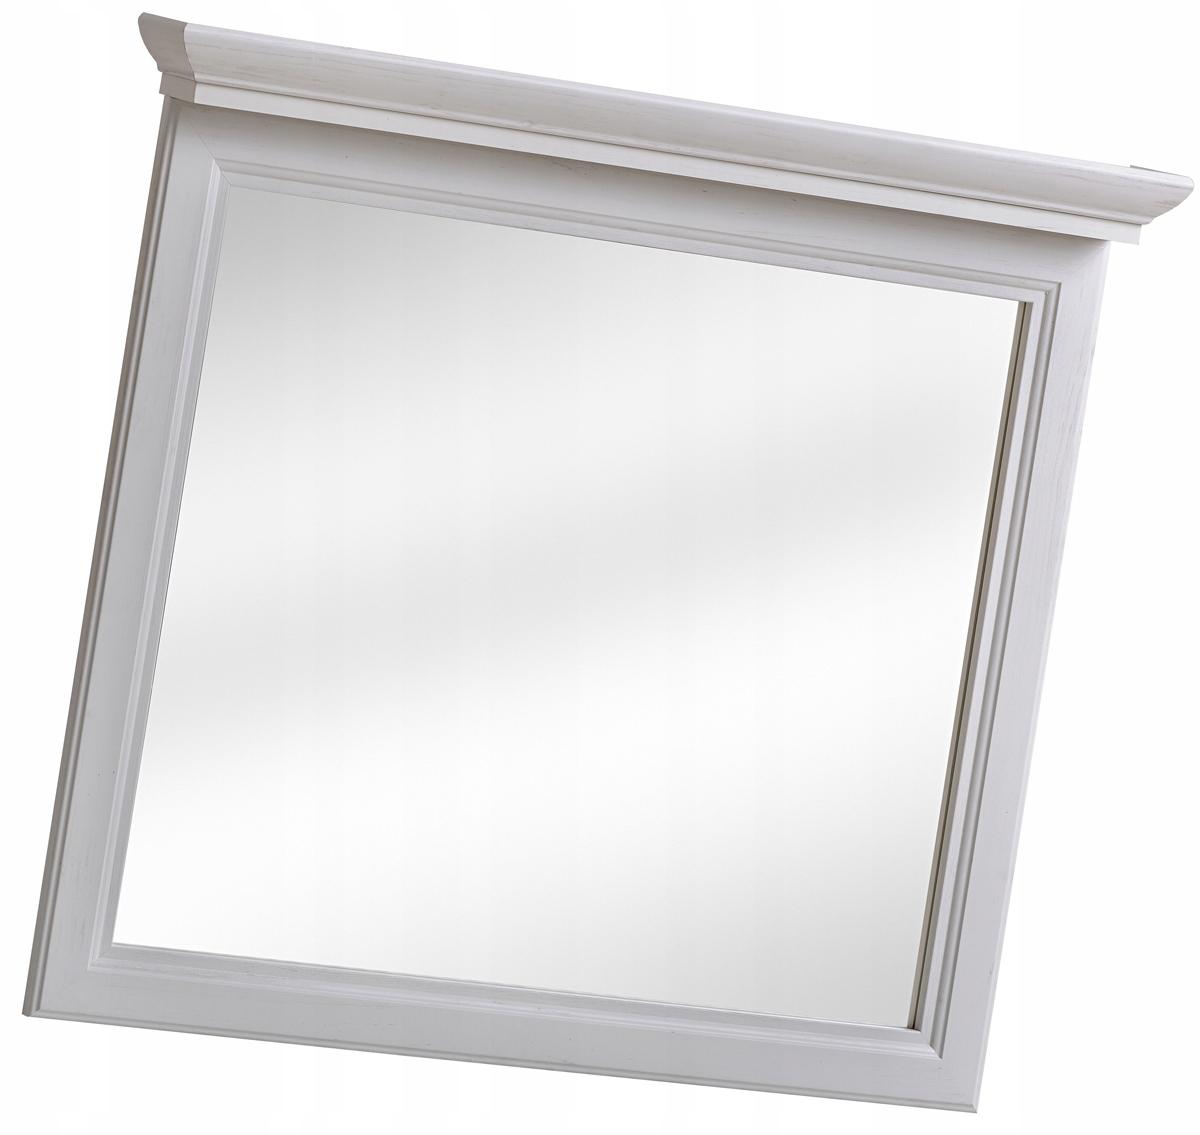 Zrkadlo do bielej kúpeľne, retro štýl 85x76